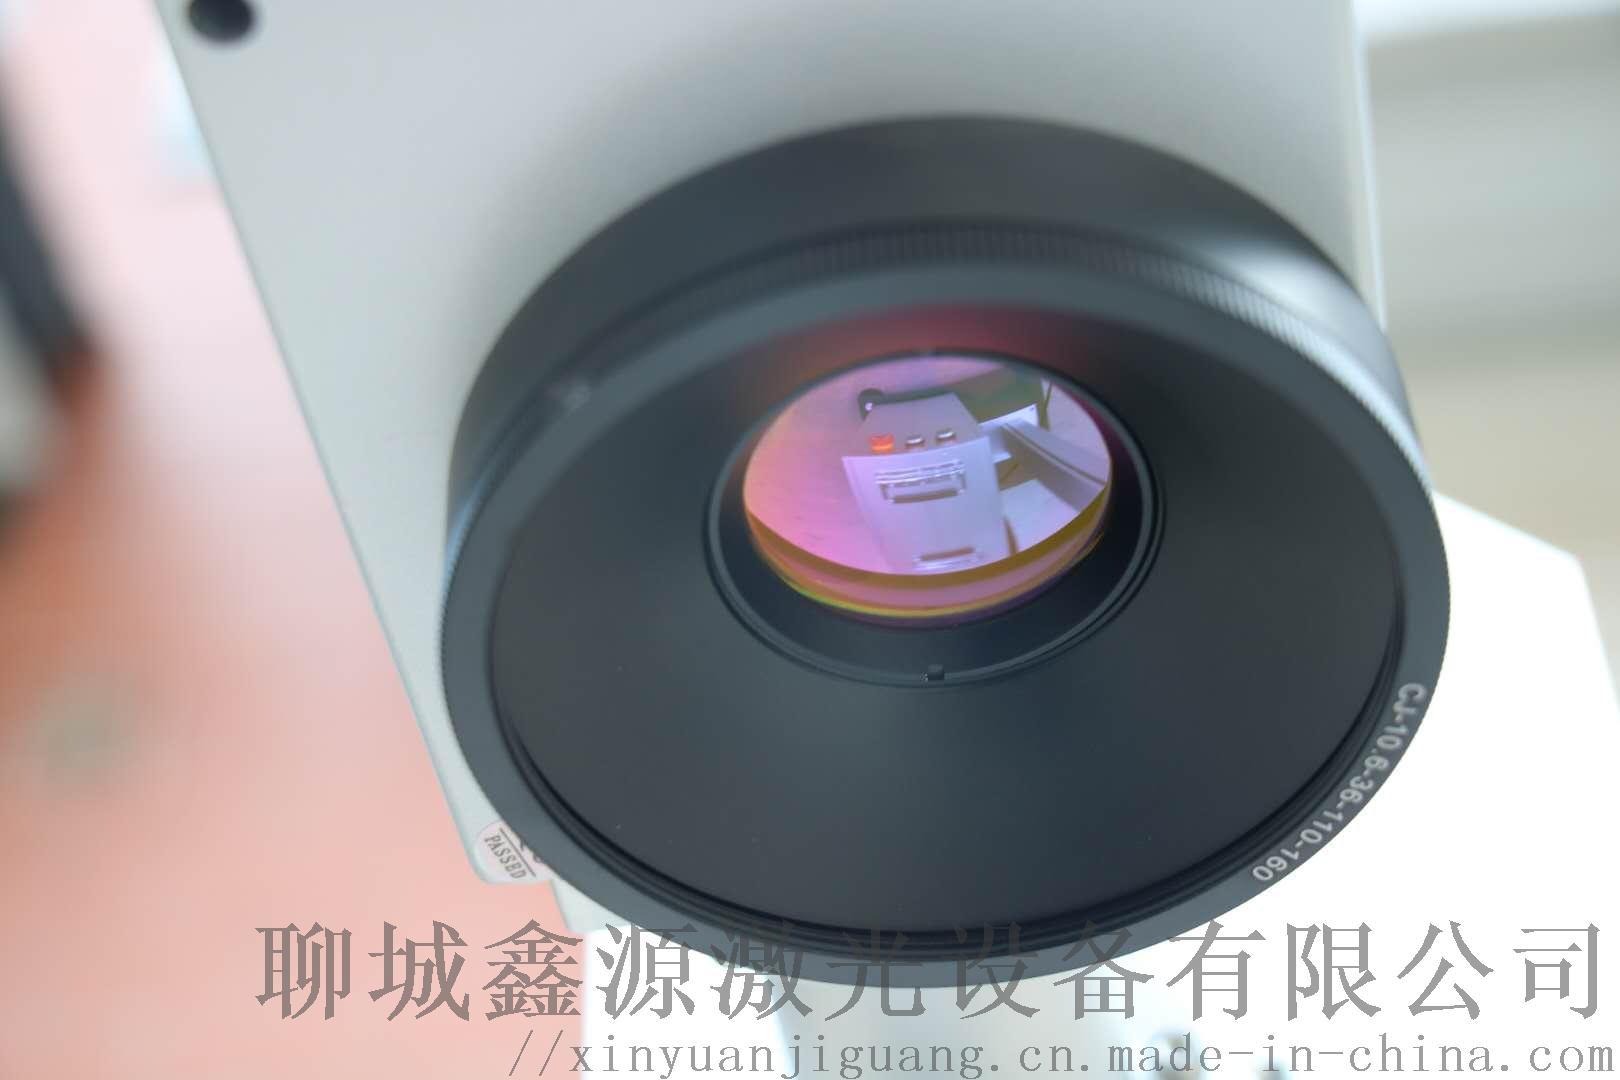 茶葉包裝商標雕刻機小型光纖鐳射打標機92857552